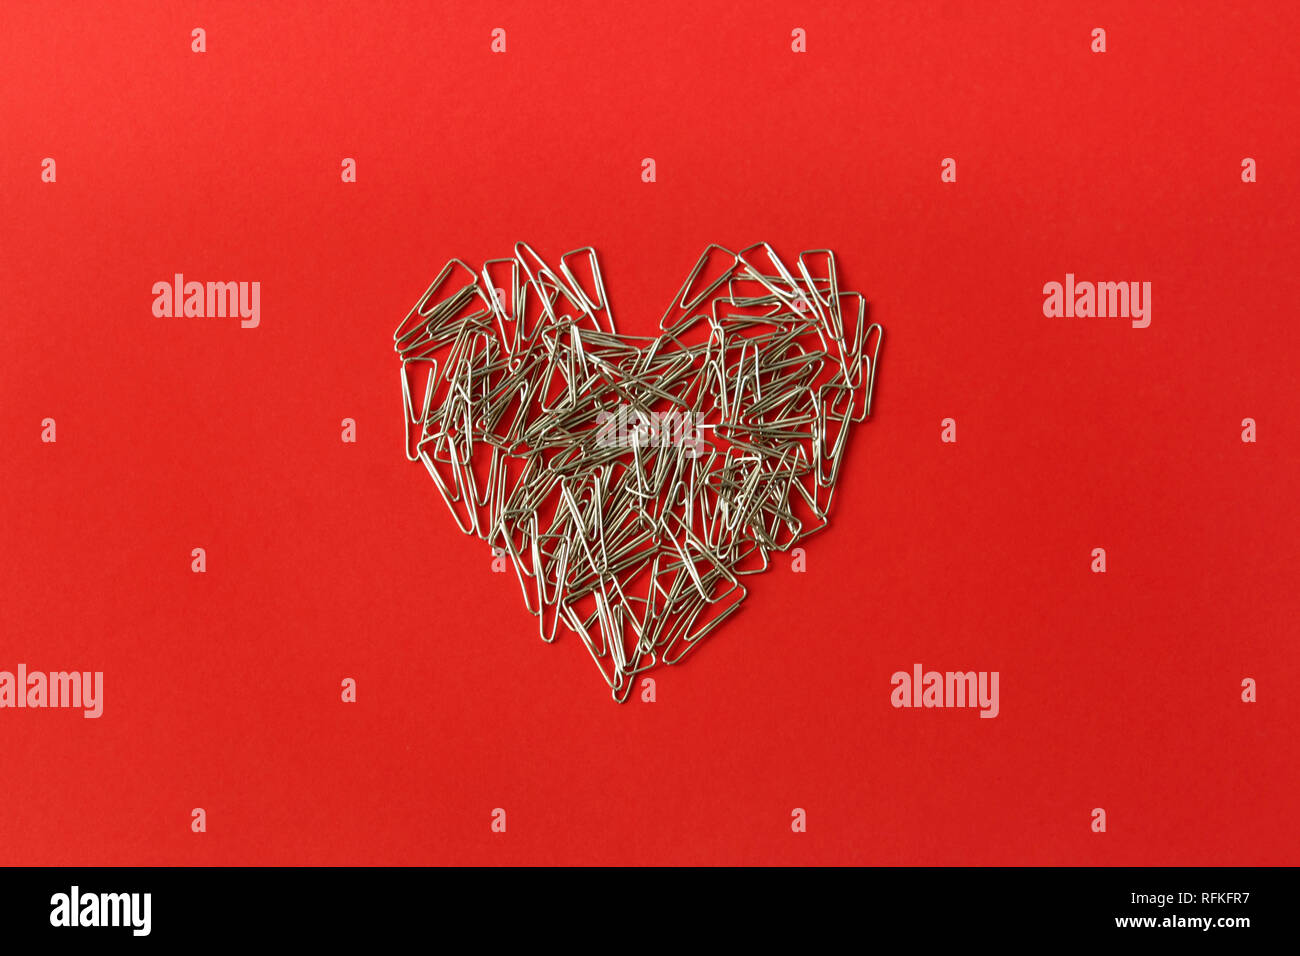 Coeur sur fond rouge. Le jour de la Saint-Valentin. Valentines Day carte de vœux. Coeur de trombones. La papeterie. Photo Stock